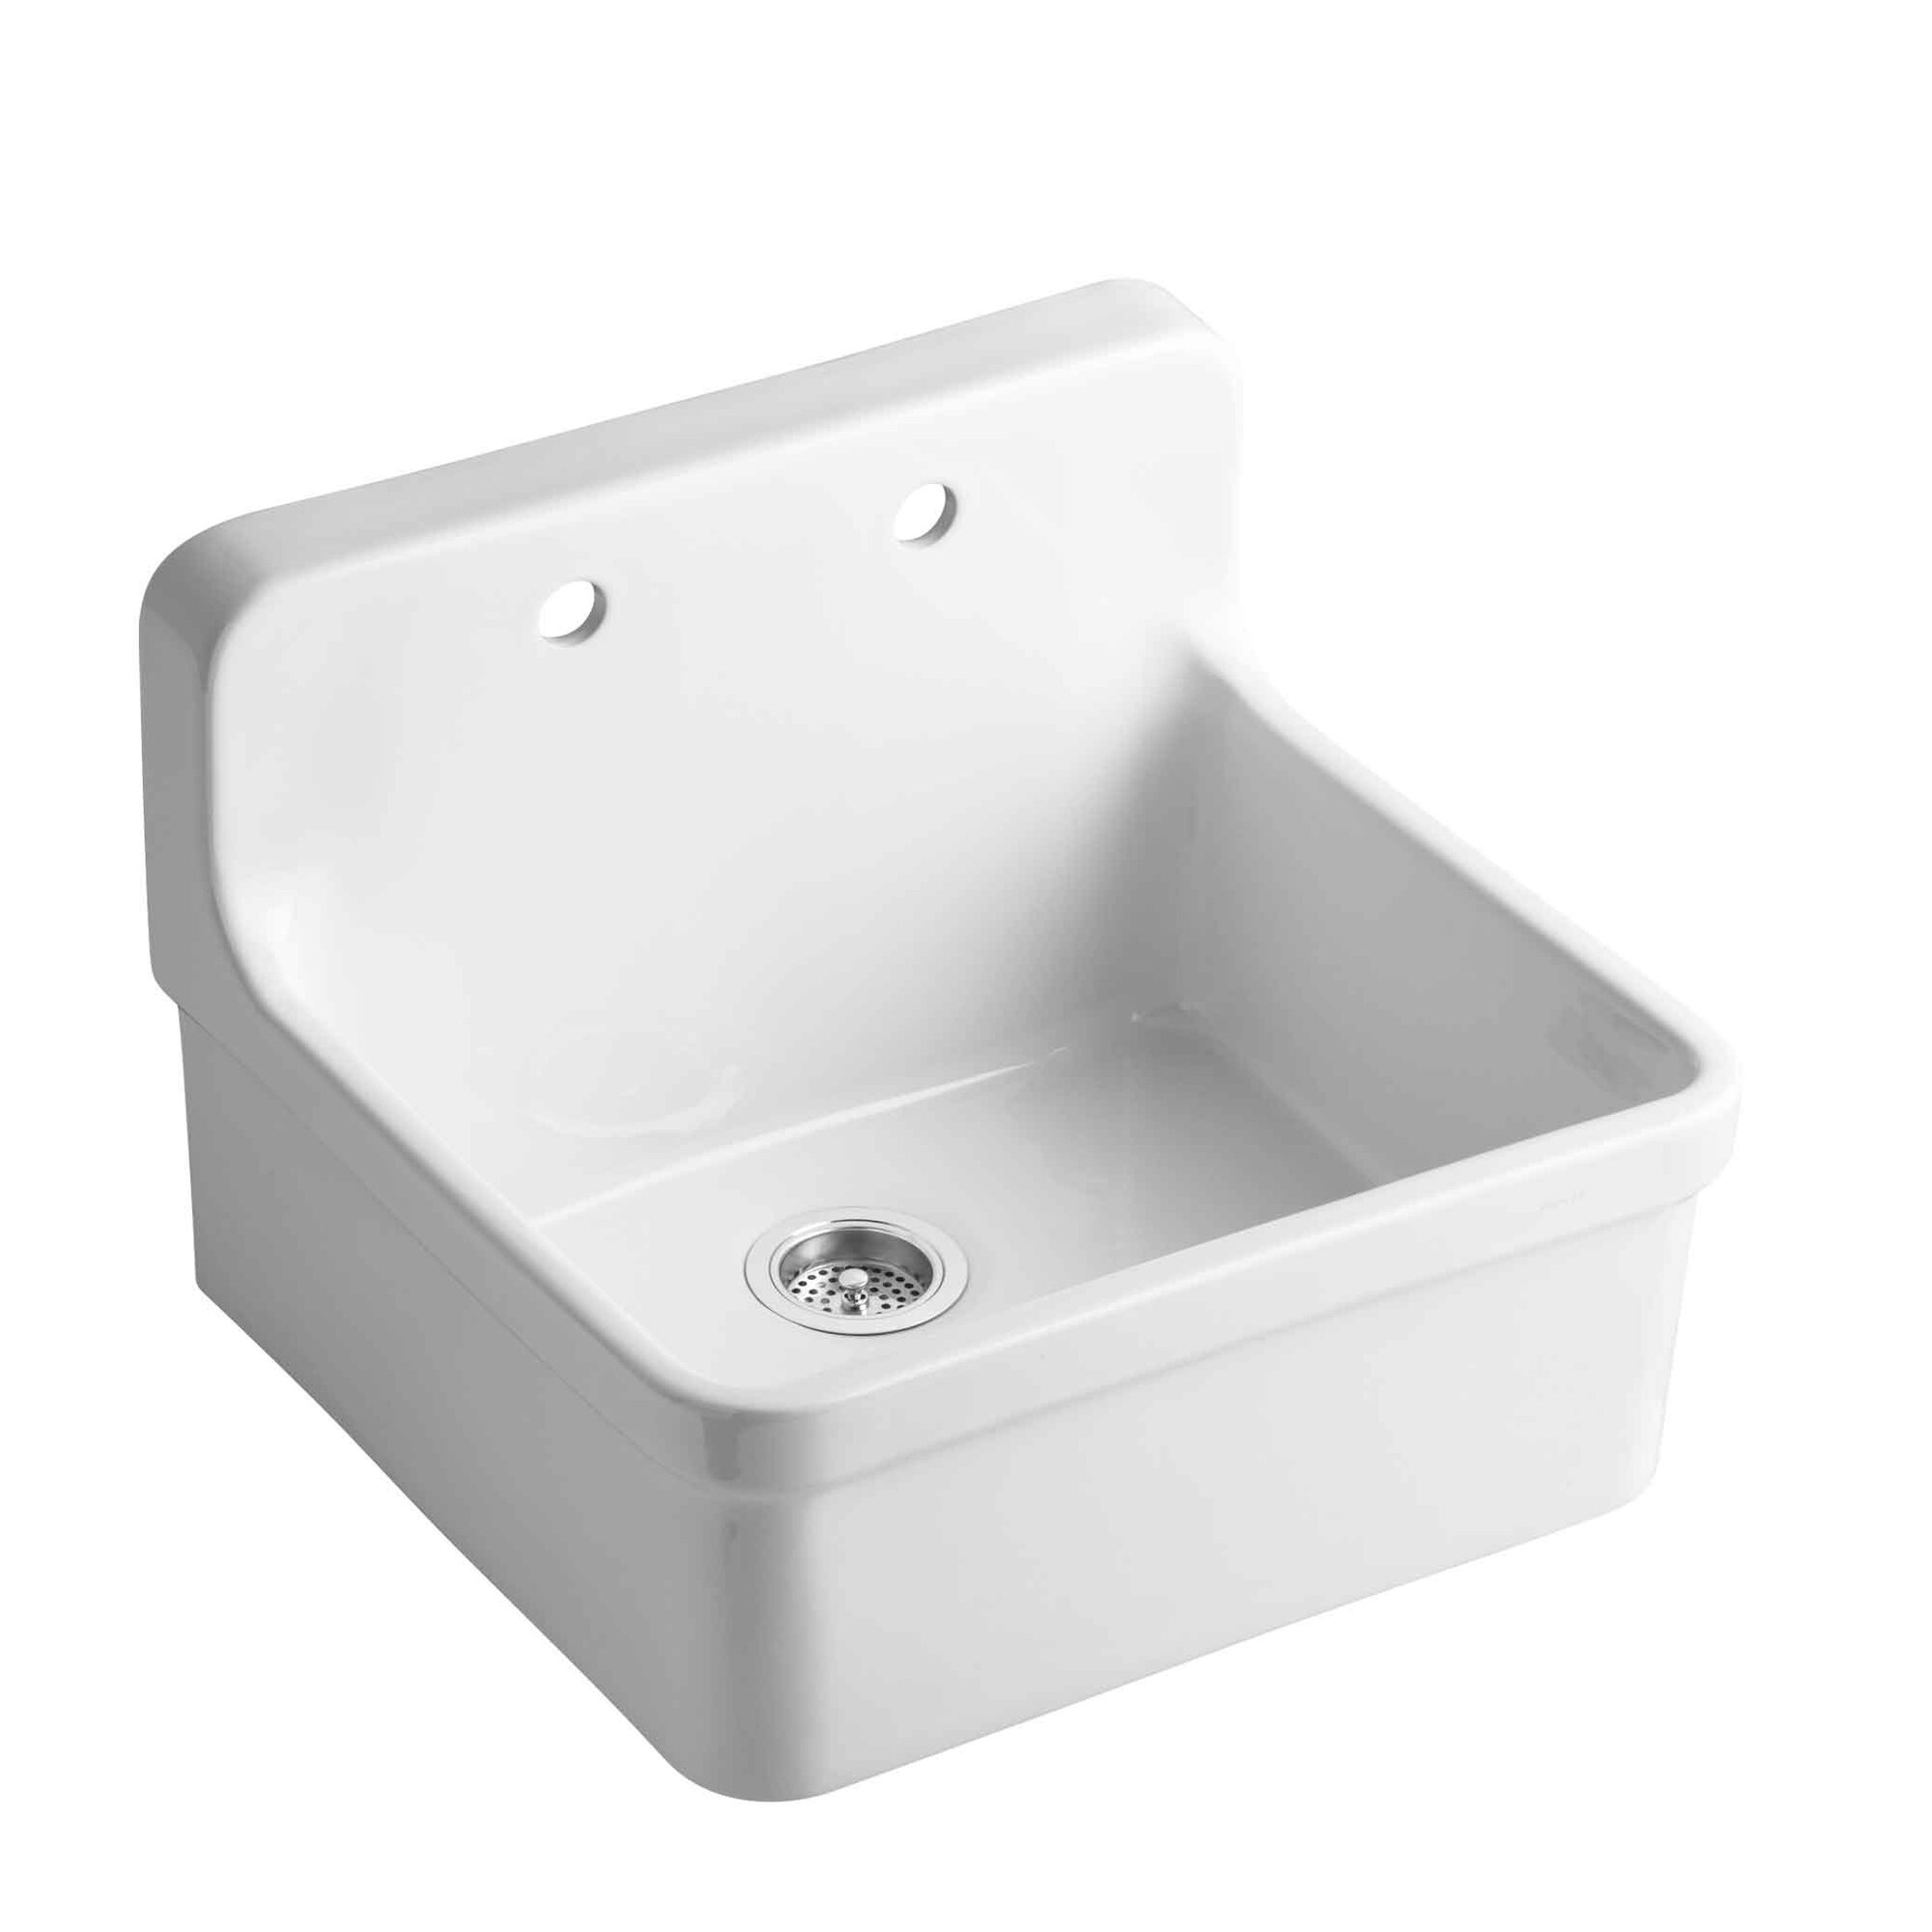 beautiful 38 x 22 kitchen sink   taste 19 kitchen sink 38 x 22   kitchen seasons  rh   kitchenseasons com